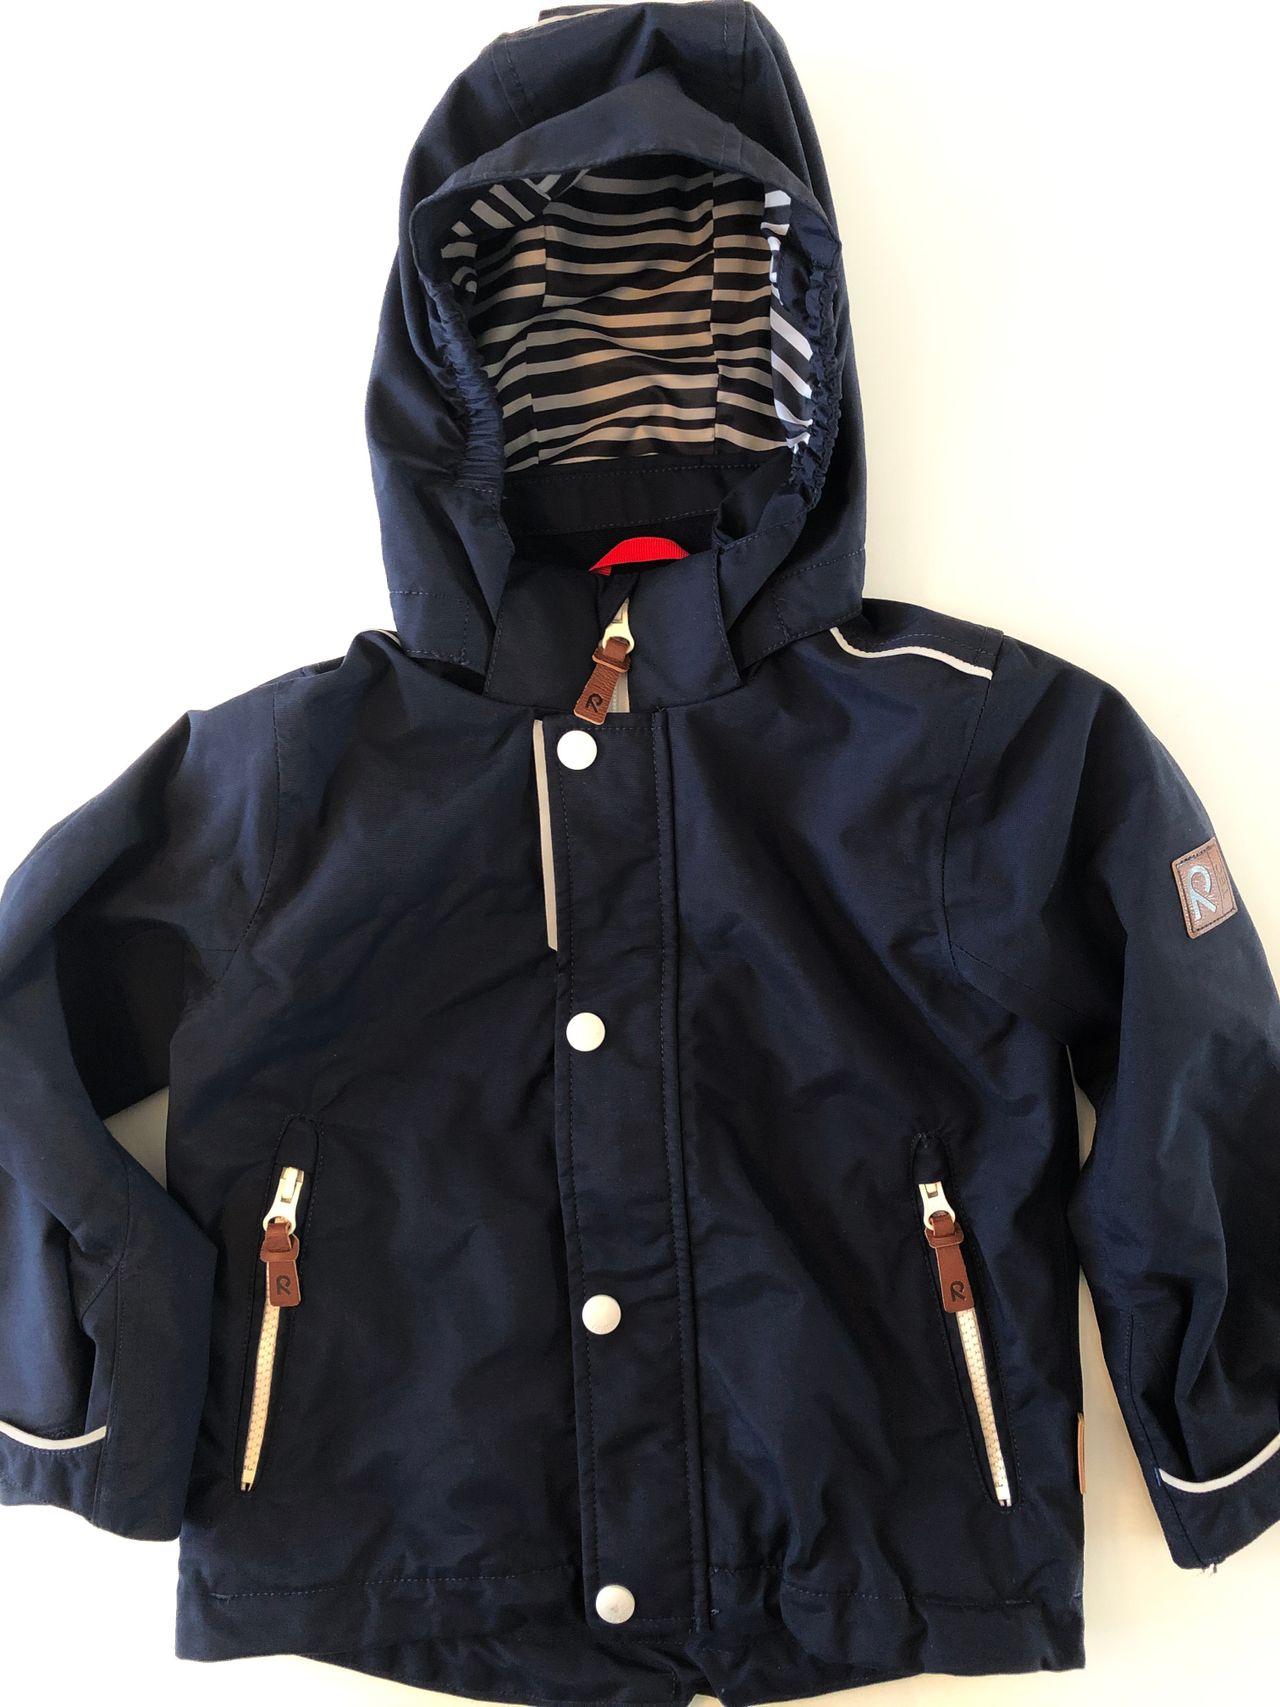 Vår høst jakke str Kjøpe, selge og utveksle annonser de